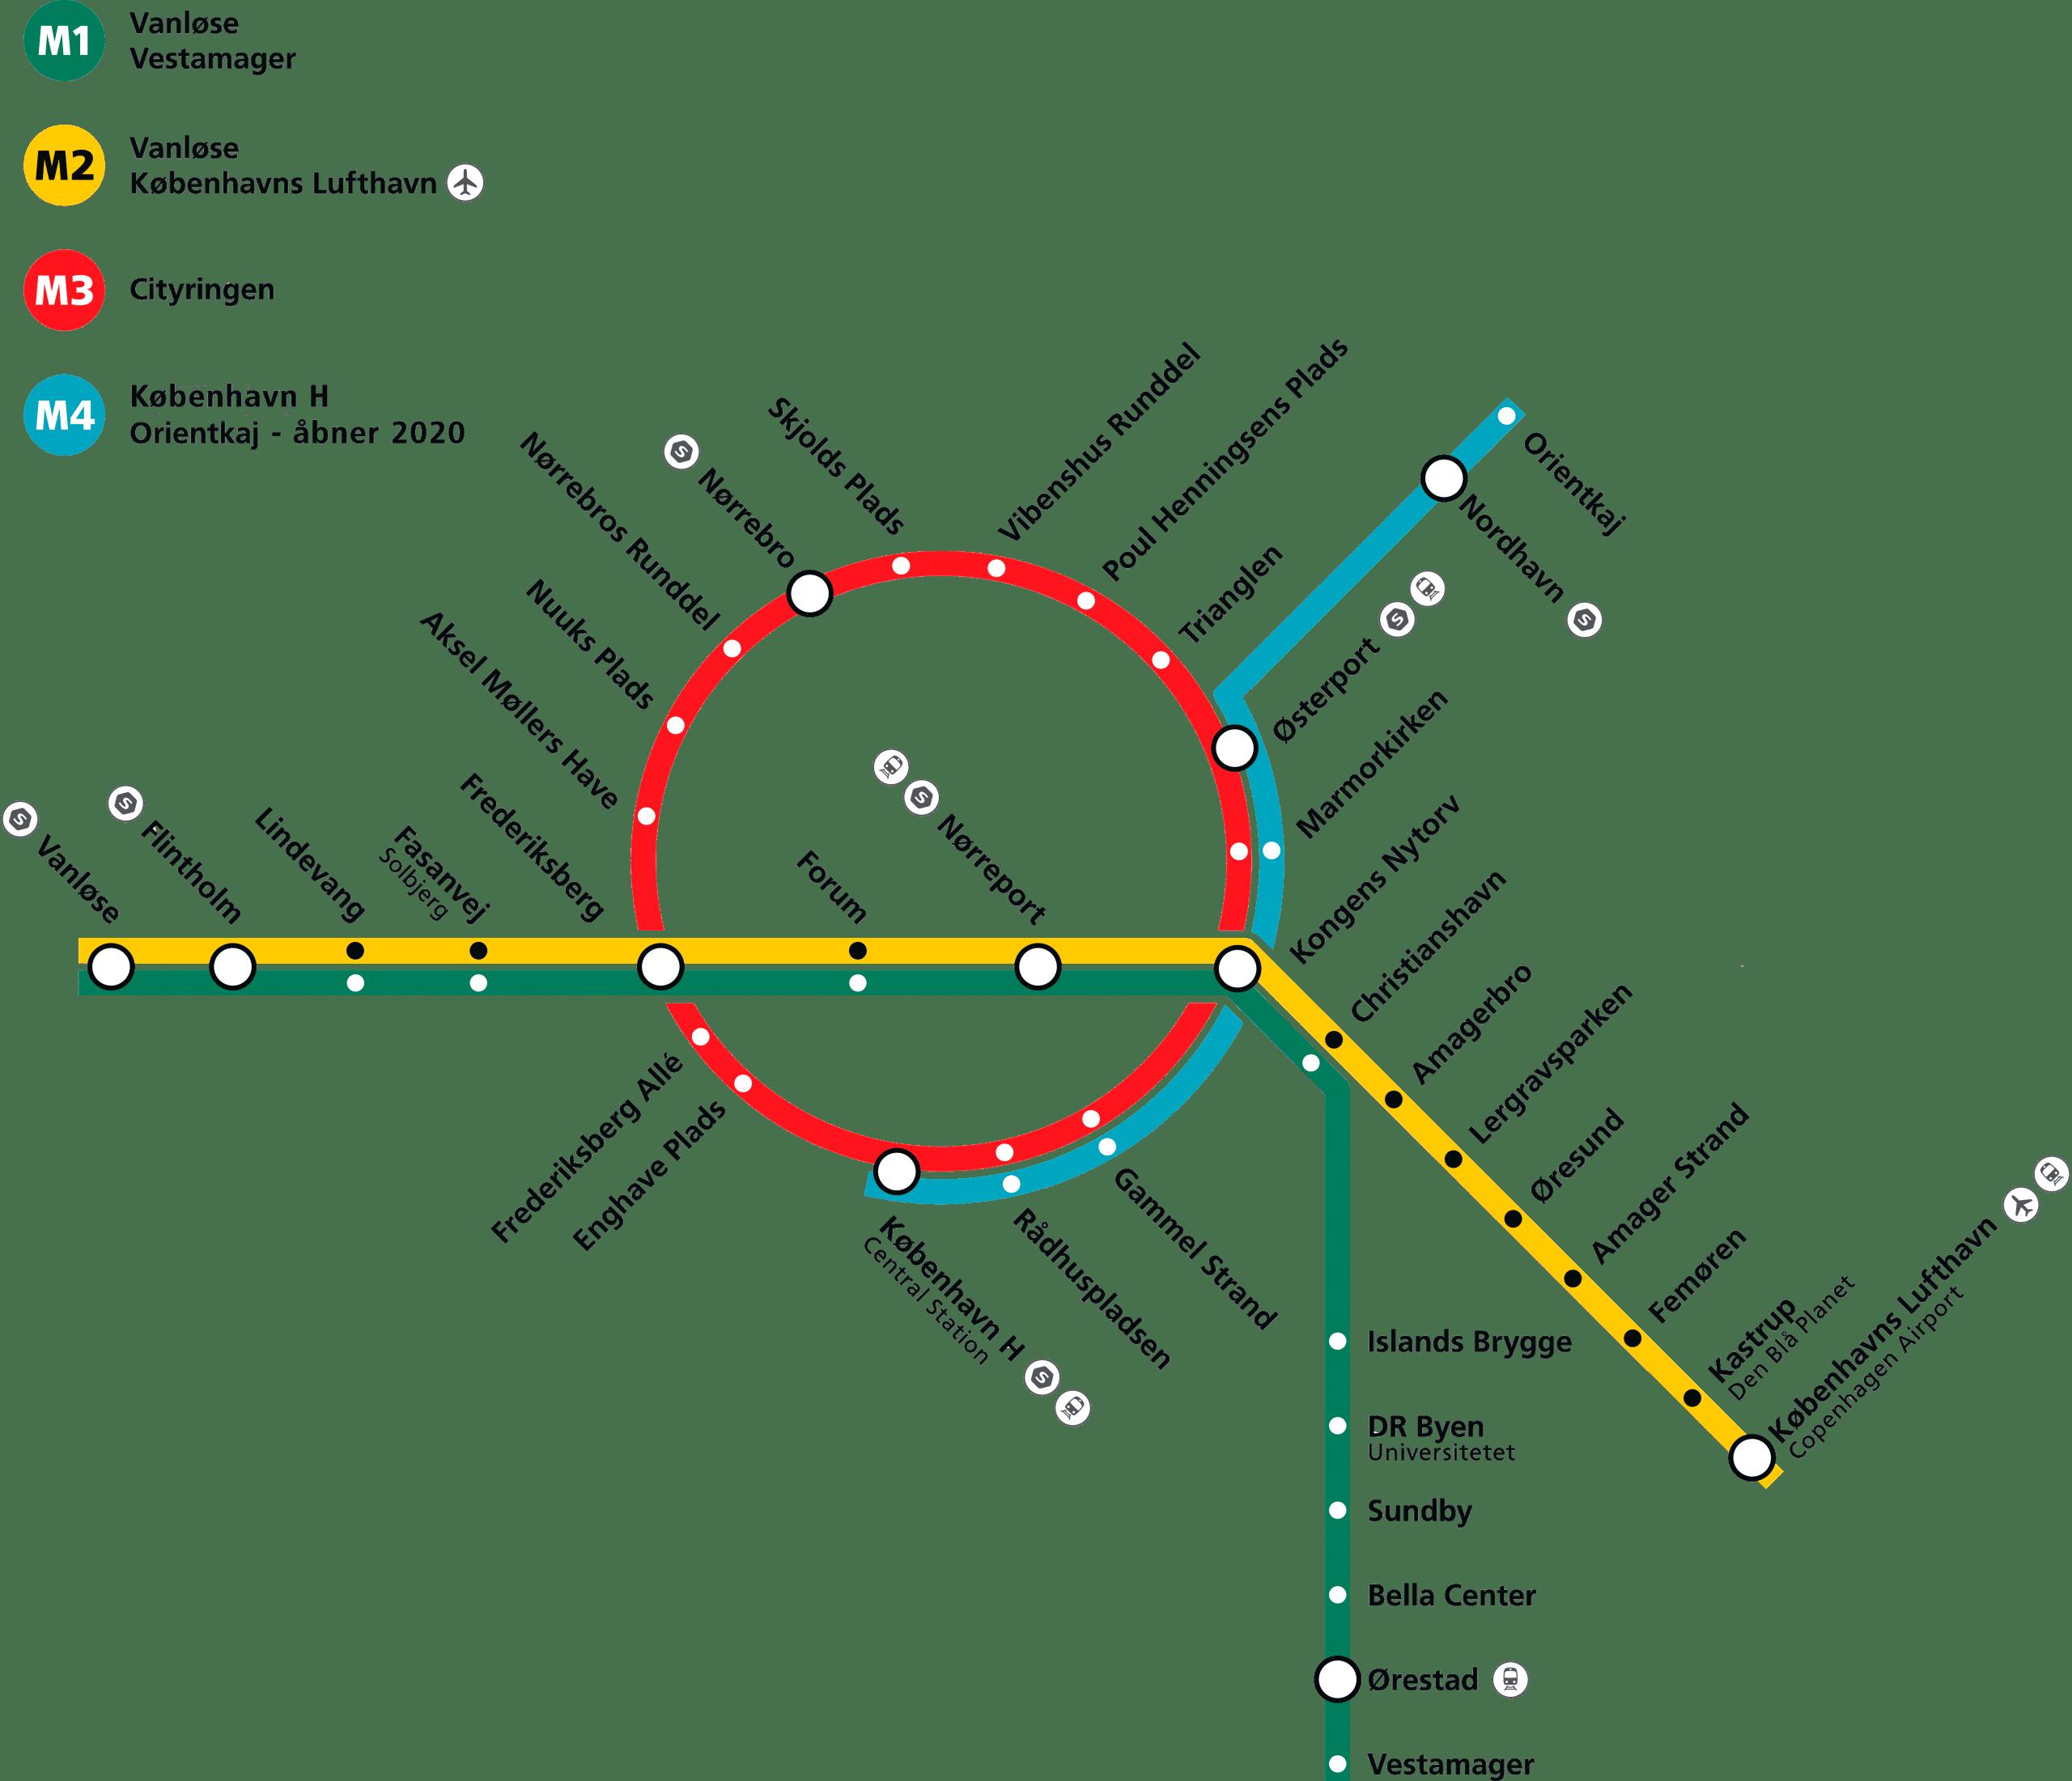 Kort over metrostationer